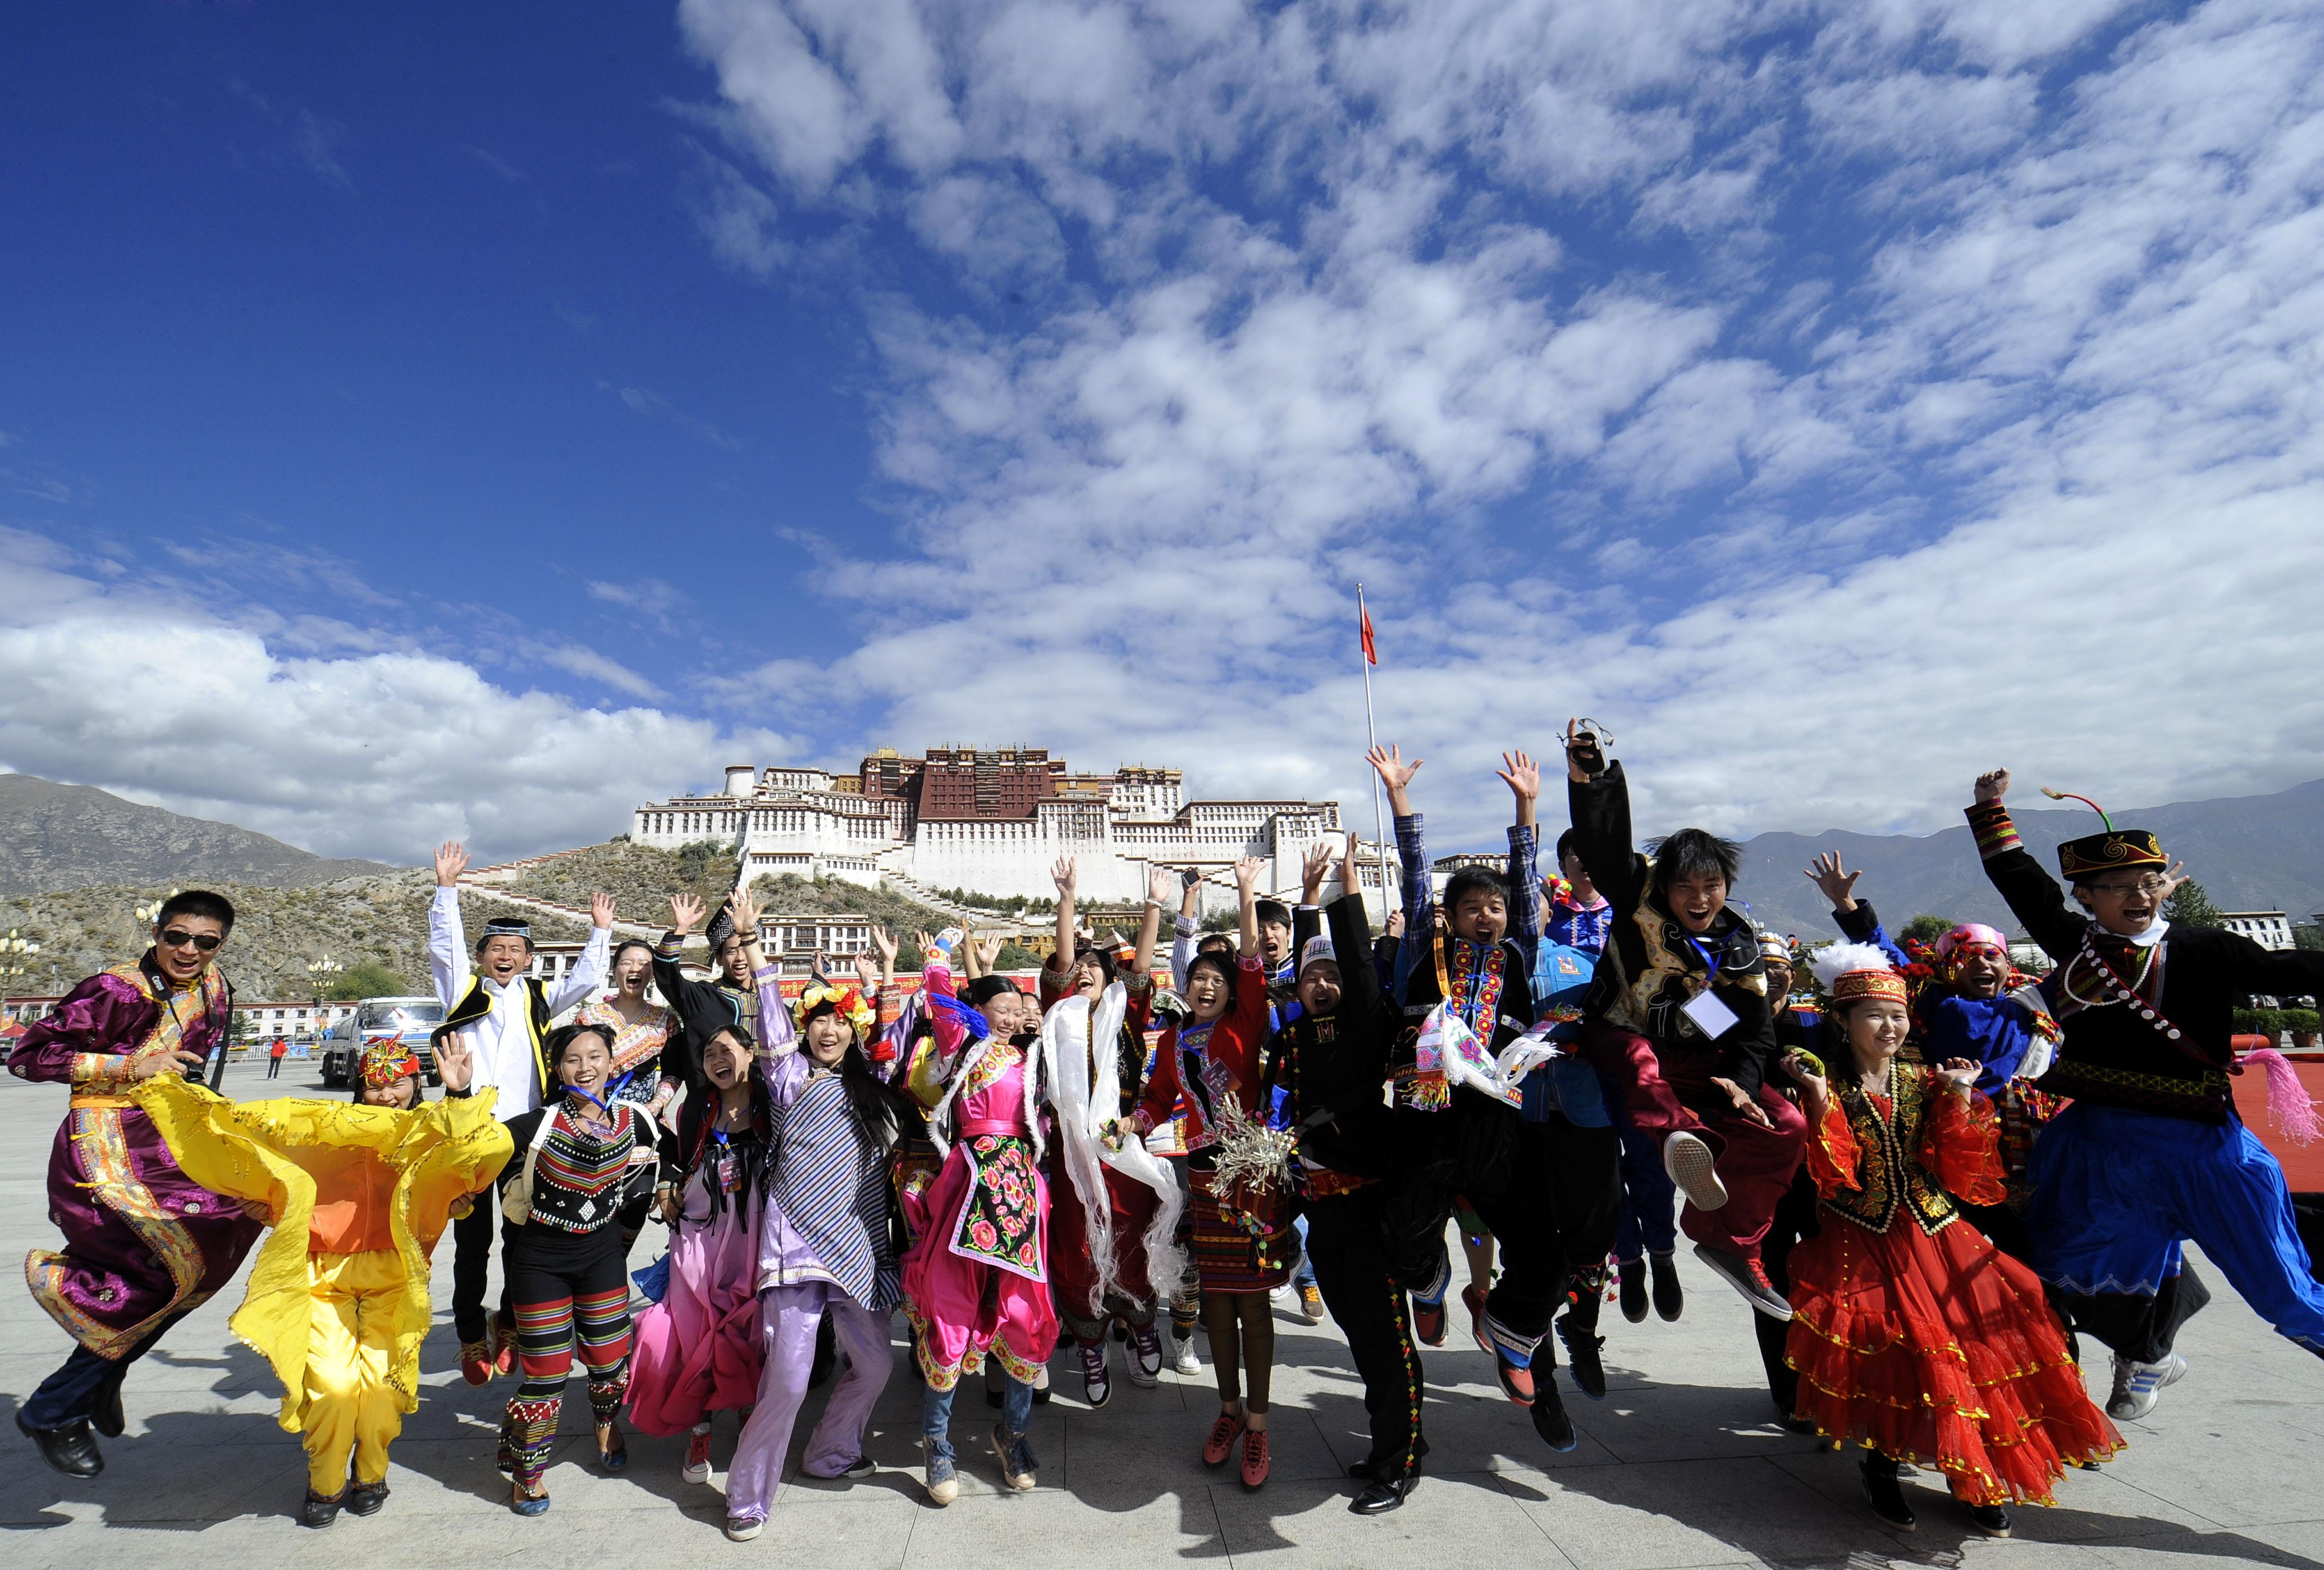 """从""""喇嘛王国""""的覆灭到现代西藏的新生——雪域高原的历史新跨越"""